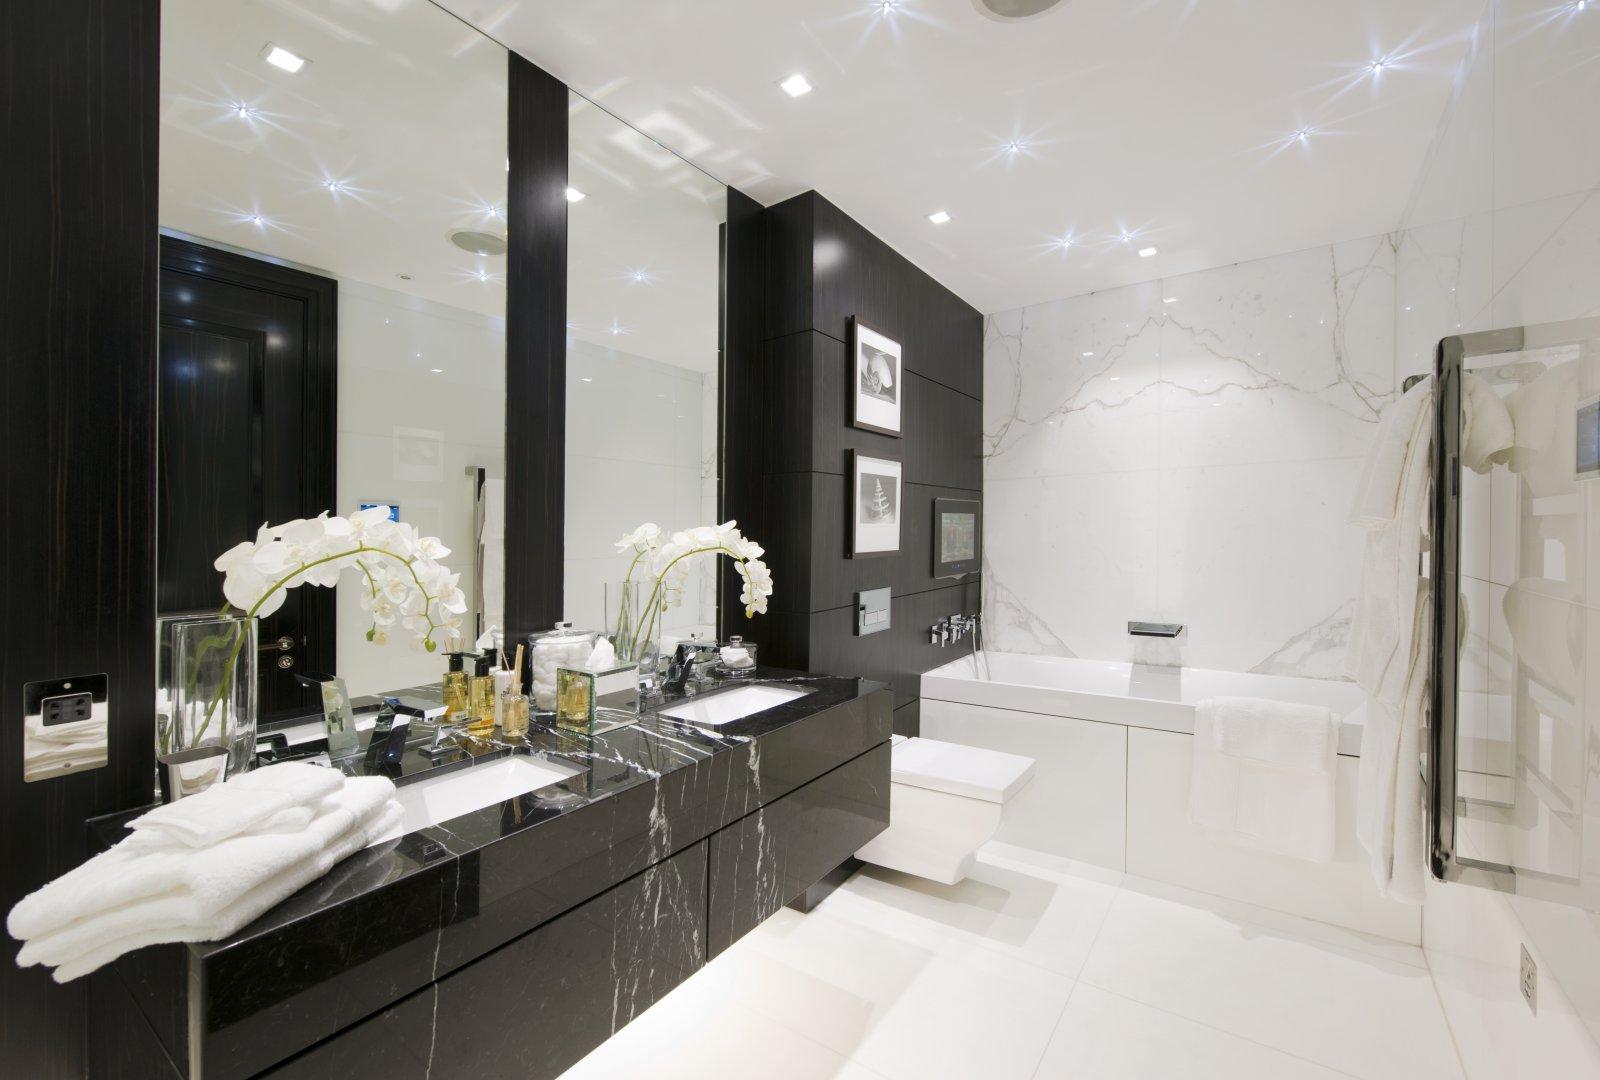 Фото 21 - Очень важную роль в черно-белой ванной имеет освещение, чем его больше, тем эффектней выглядит весь дизайн